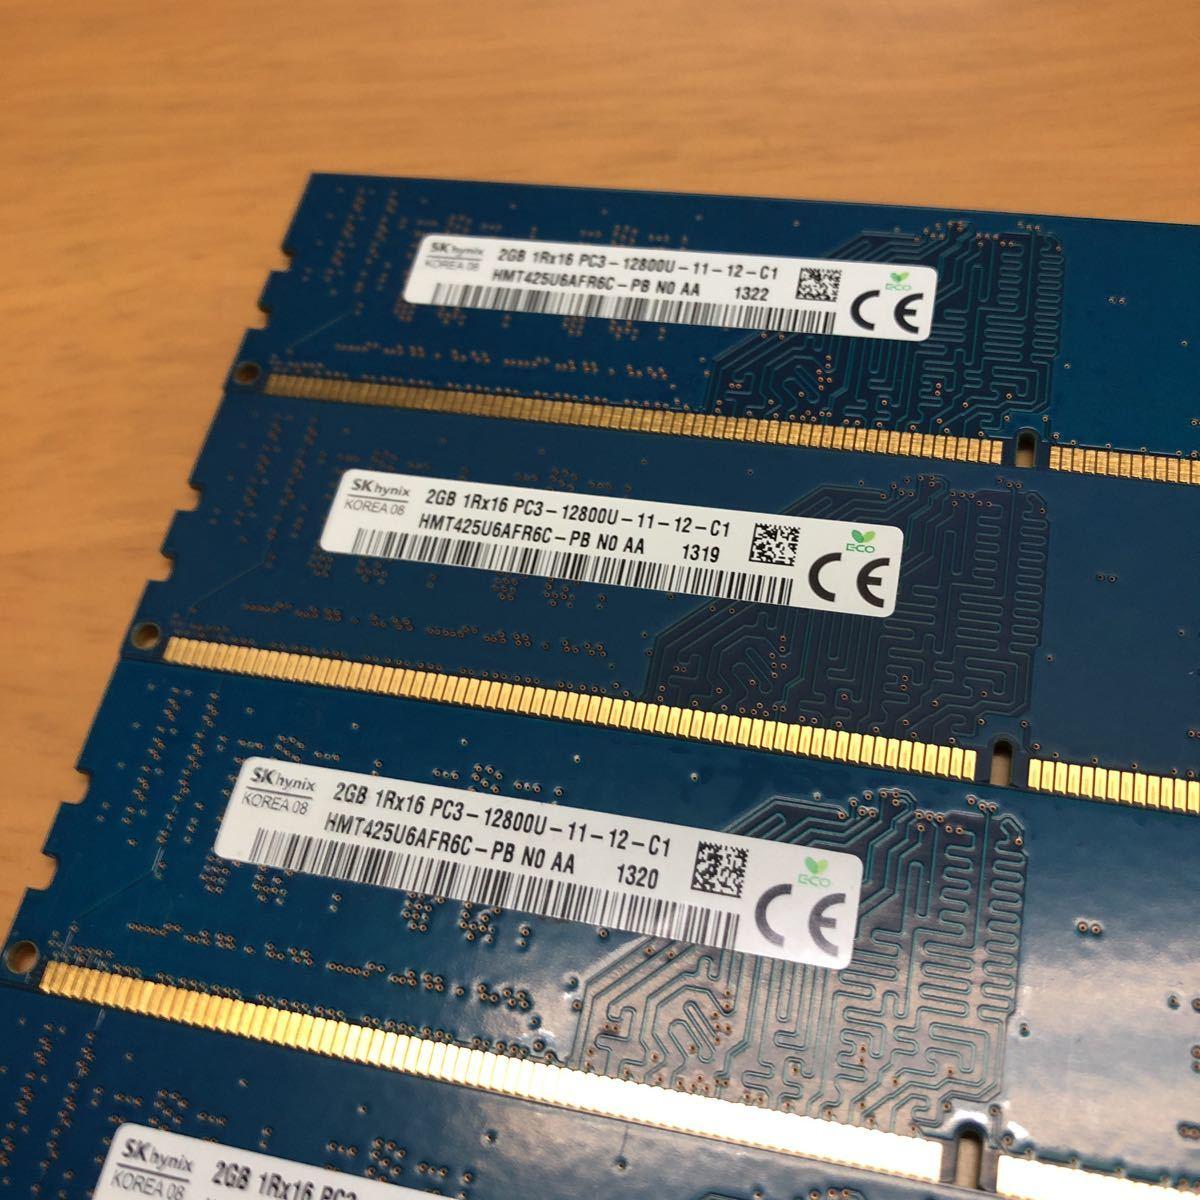 高性能 美品 SK hynix 1Rx16 PC3-12800U-11-12-C1 2GB×4枚 計8GB (DDR3 1600) 片面チップ デスクトップ PCメモリー 完動品_画像5